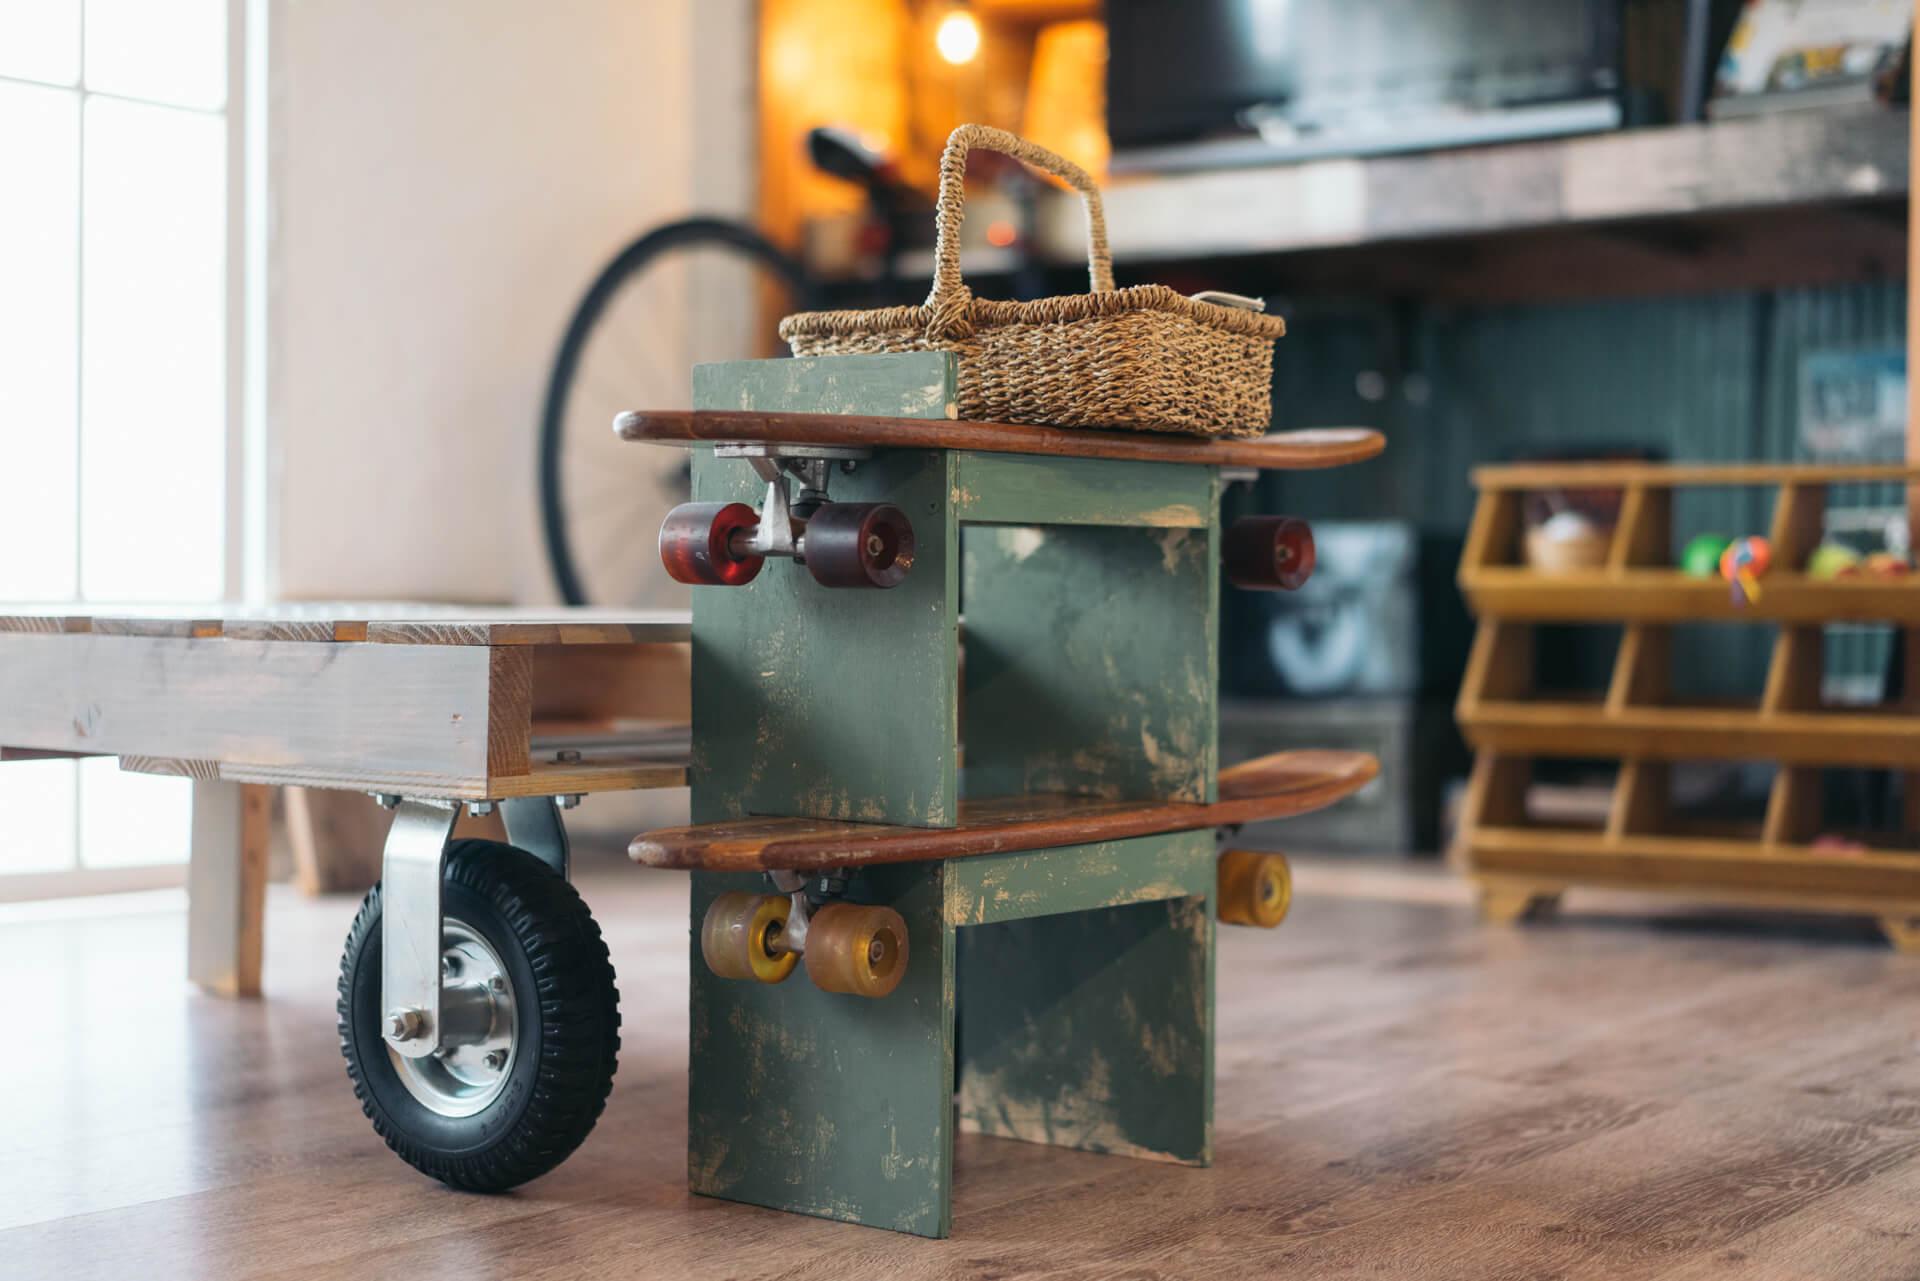 リビングのローテーブルには片側に車輪が!よく見ると、サイドの棚もスケートボードでできています。